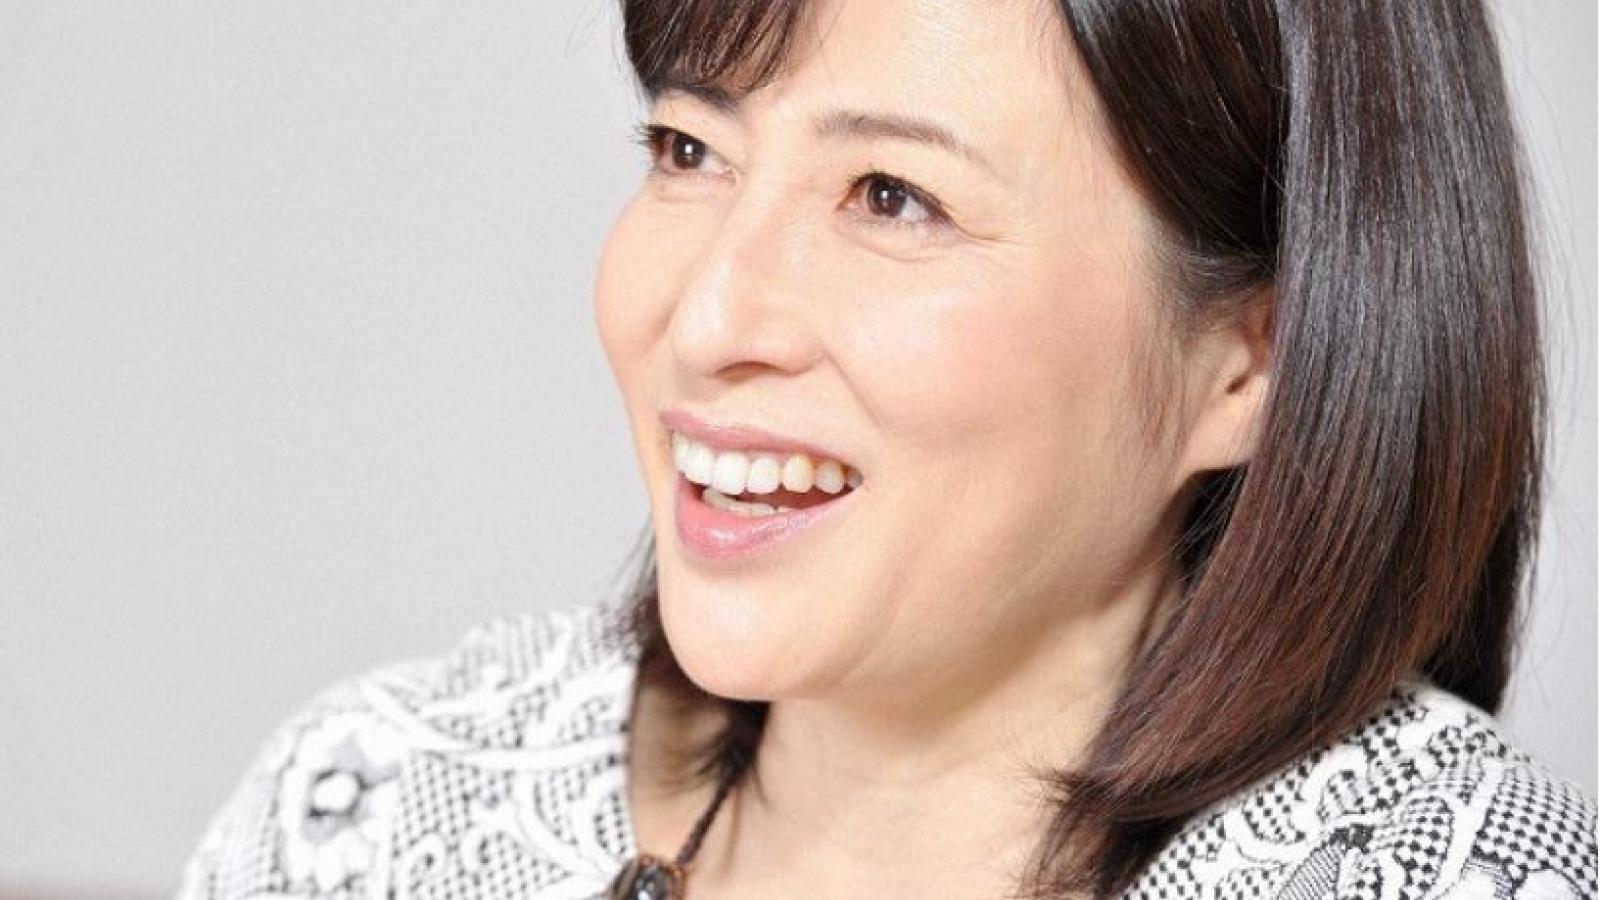 Nữ diễn viên lồng tiếng phim hoạt hình Ghibli qua đời vì Covid-19